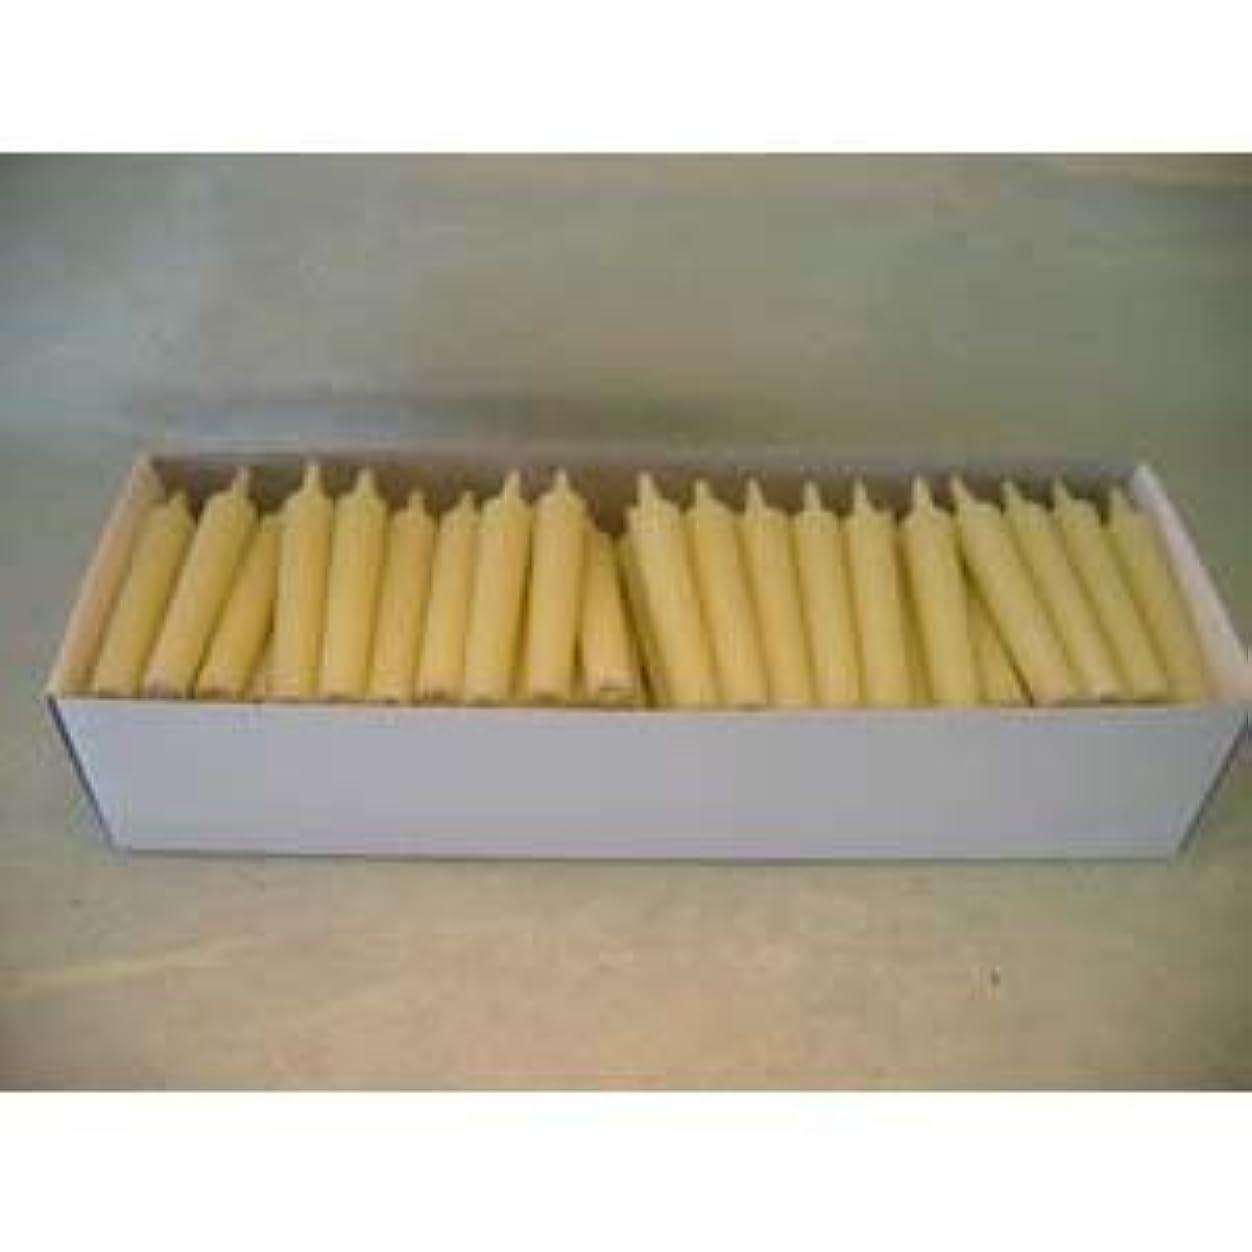 生活メカニックドック和ろうそく 型和蝋燭 ローソク 豆型 棒タイプ 白 100本入り